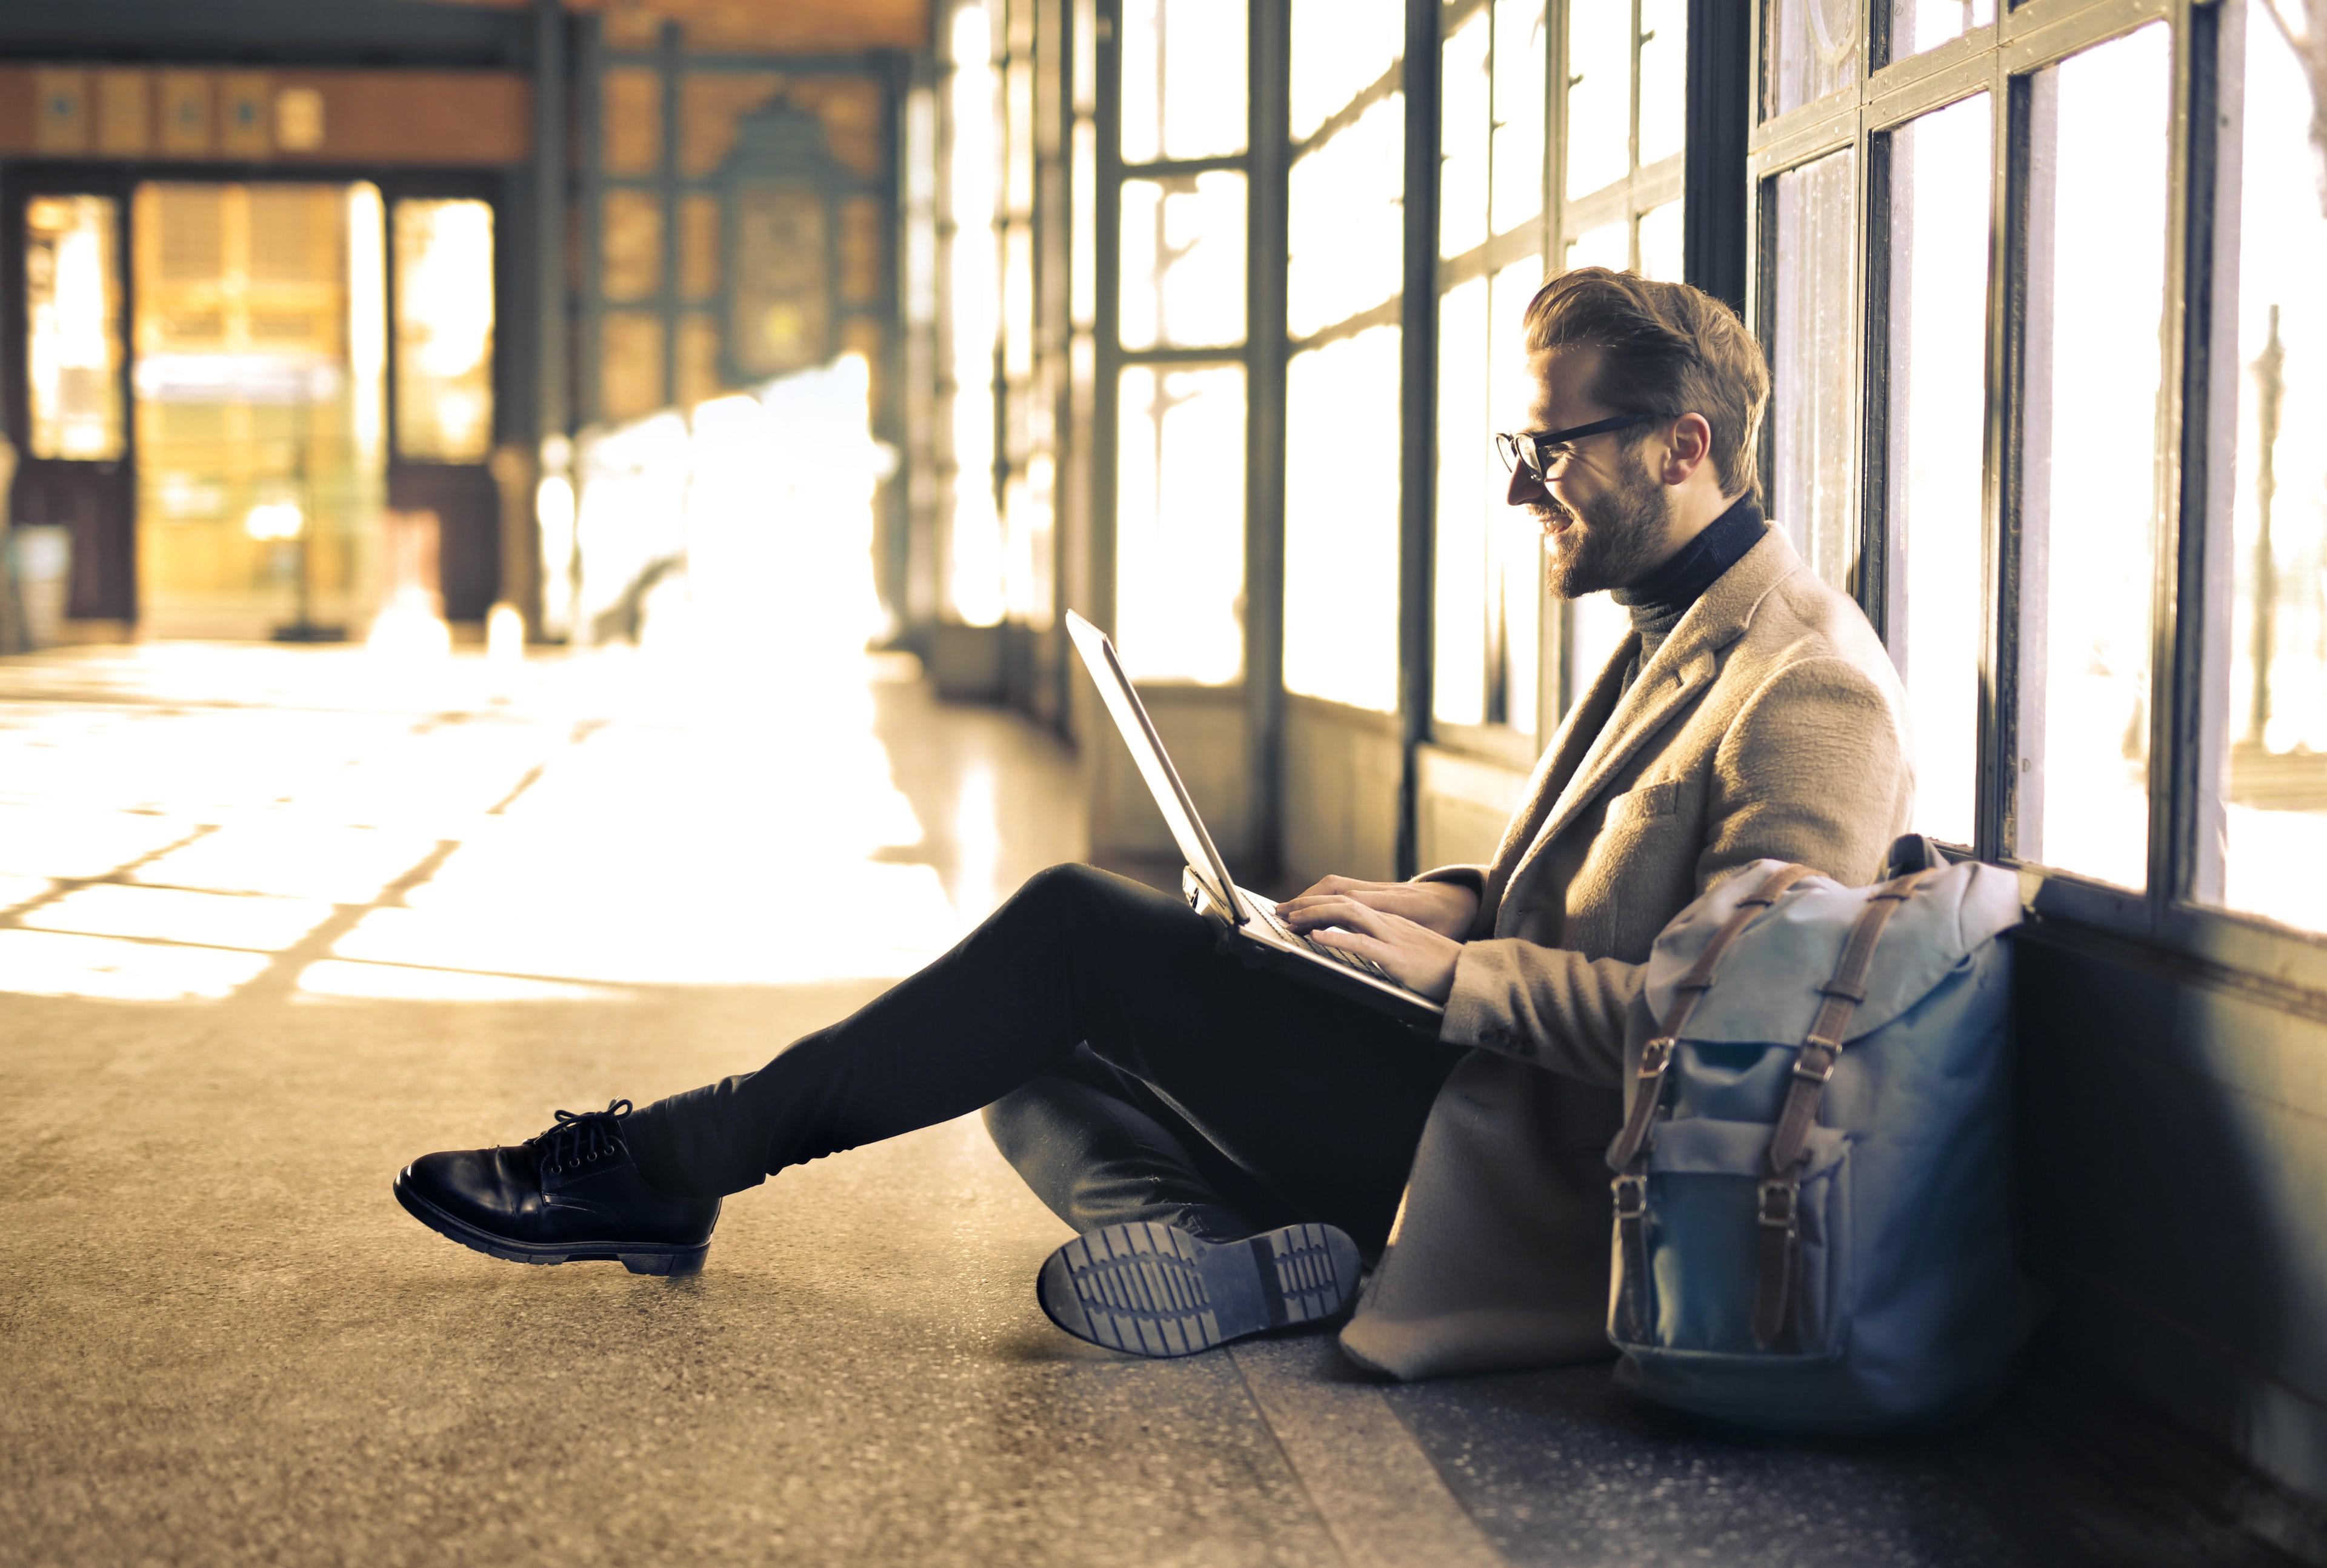 La educación en línea: una forma de acceder a mejores oportunidades